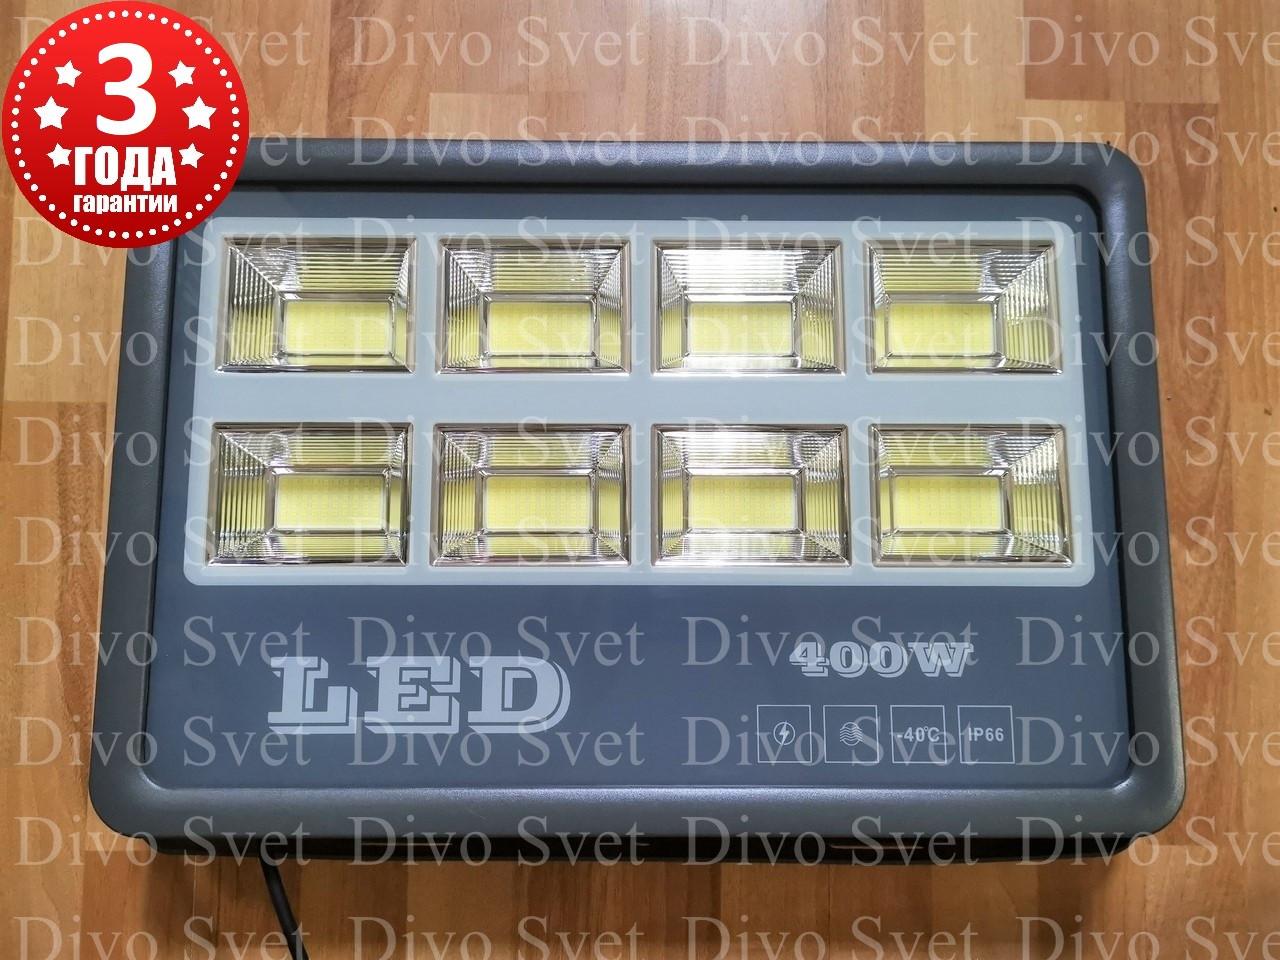 """Светодиодный прожектор """"Light"""" 400 W IP66 (Улучшенная серия). Гарантия 3 года! LED светильник 400 W."""